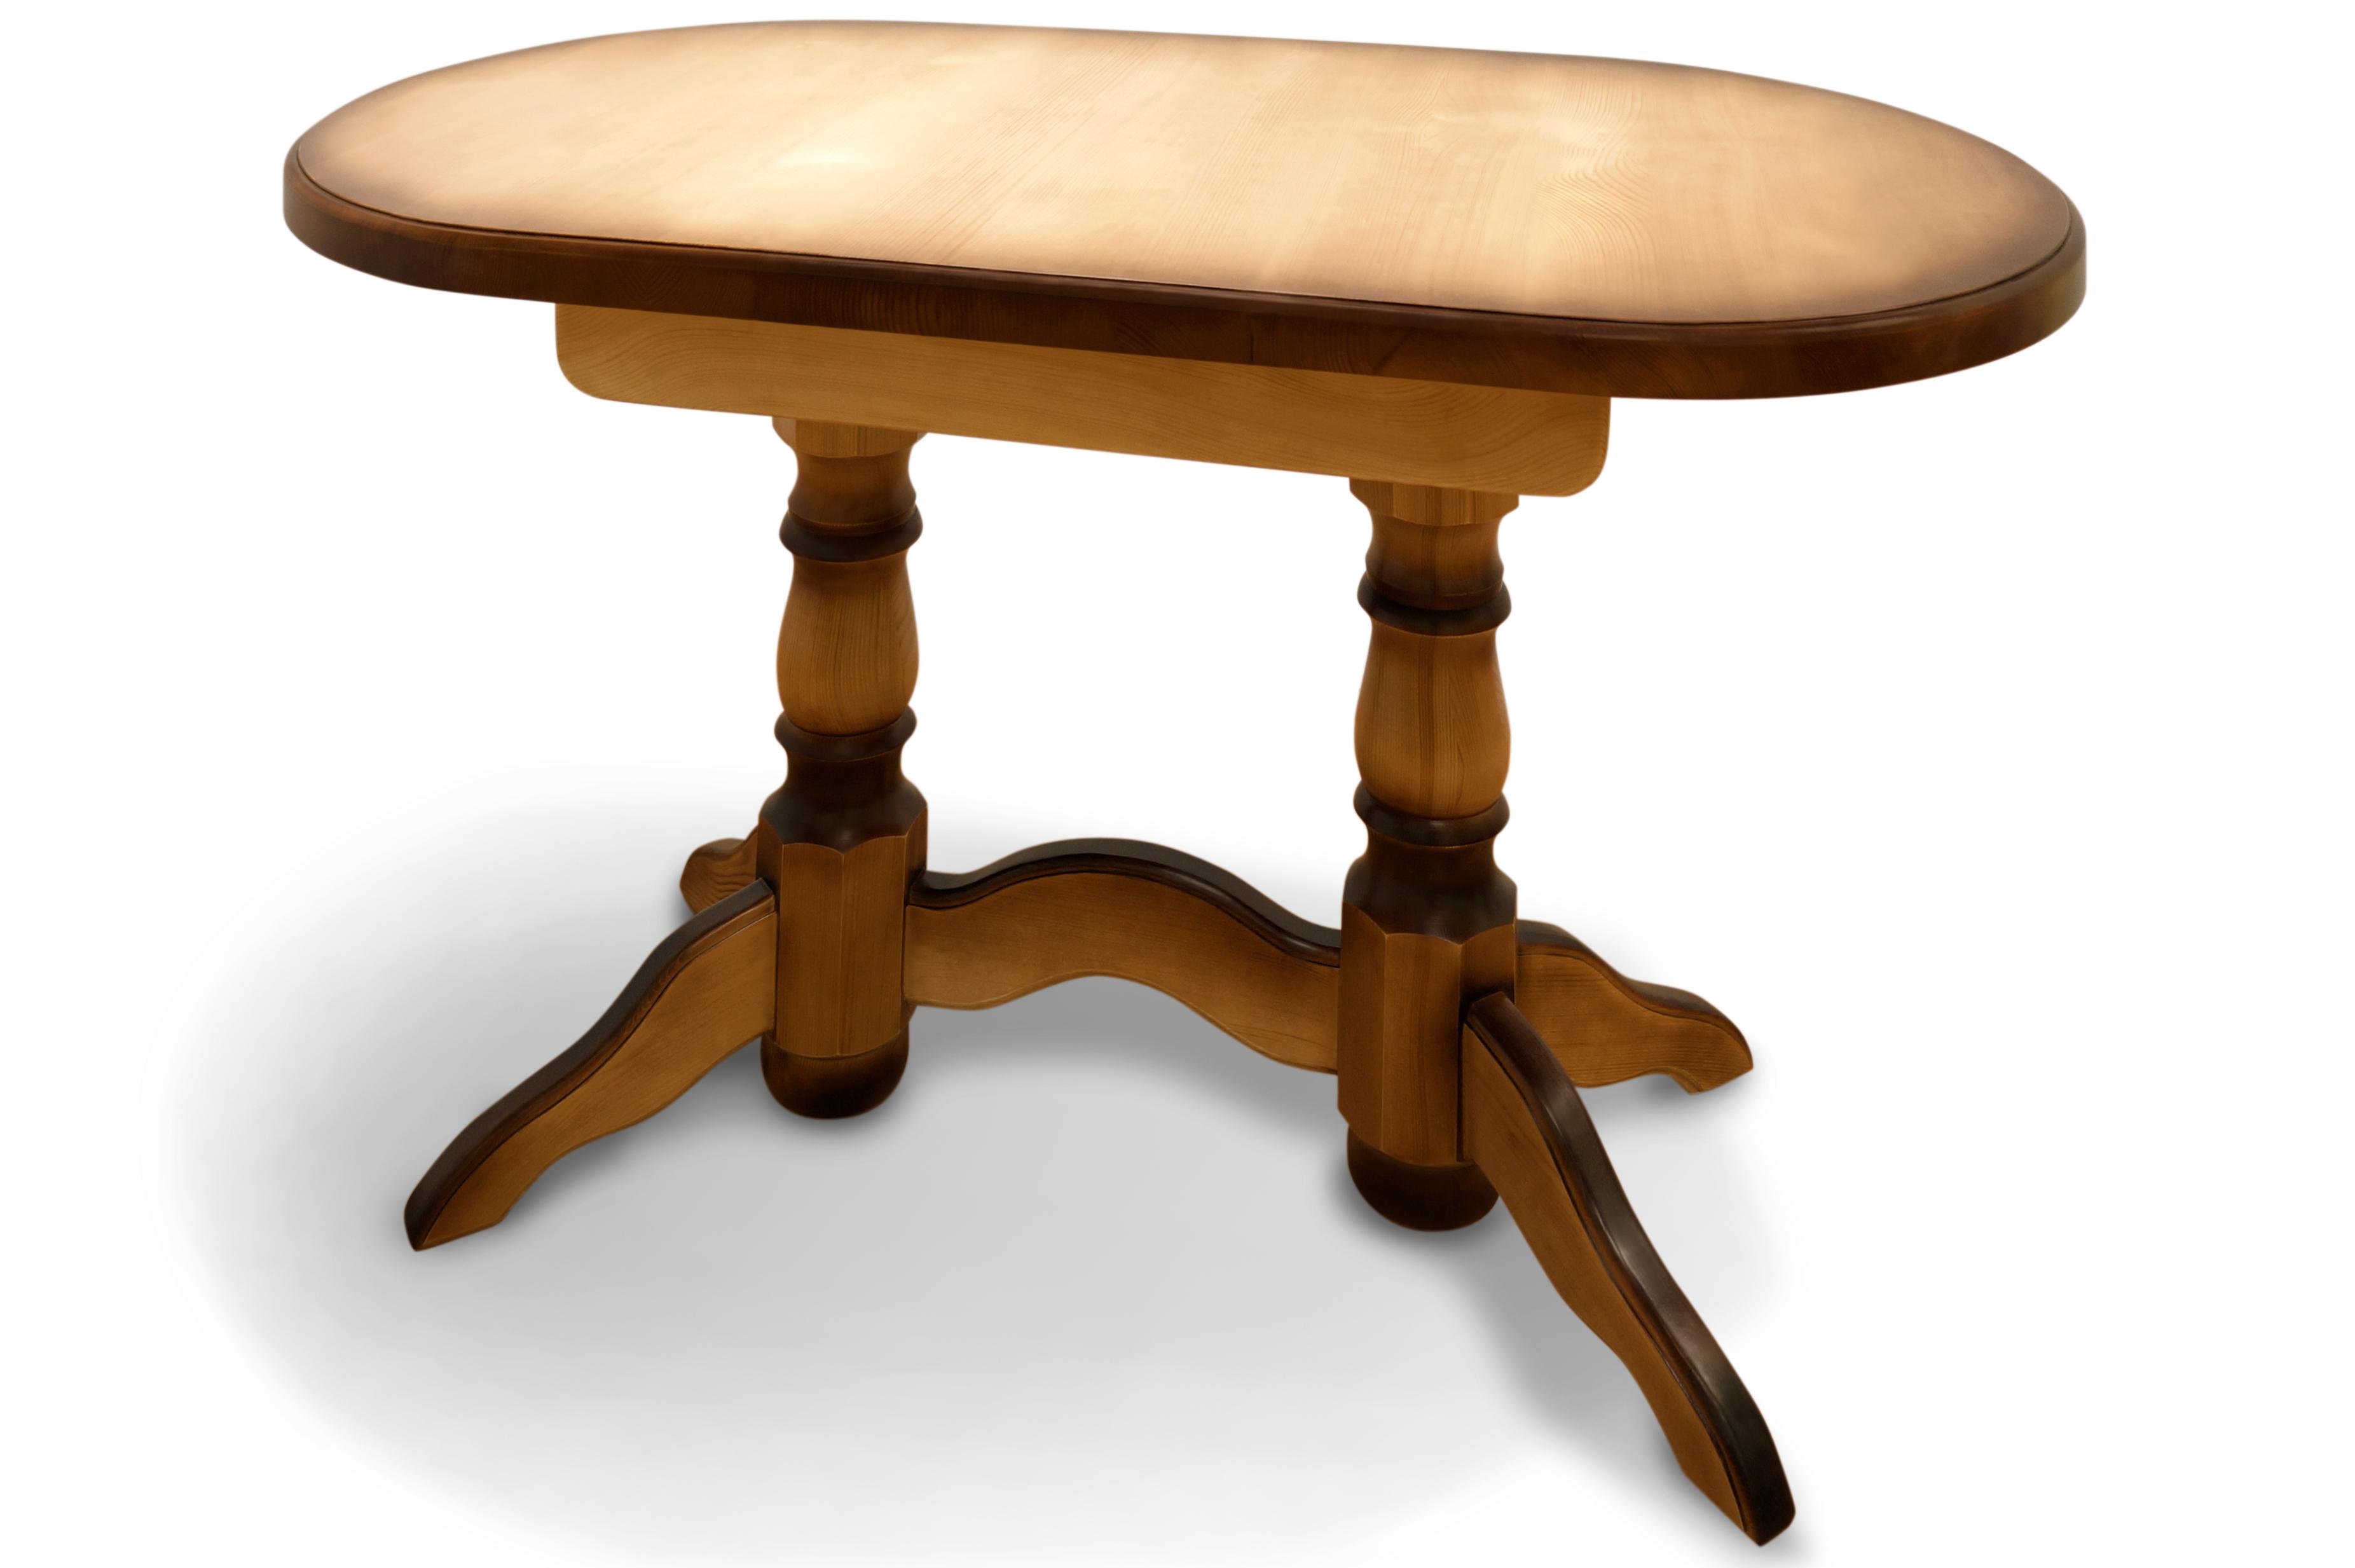 Стол из массива дерева Стенфорд-2 стол laredoute обеденный круглый из массива сосны authentic style 8 персоны бежевый